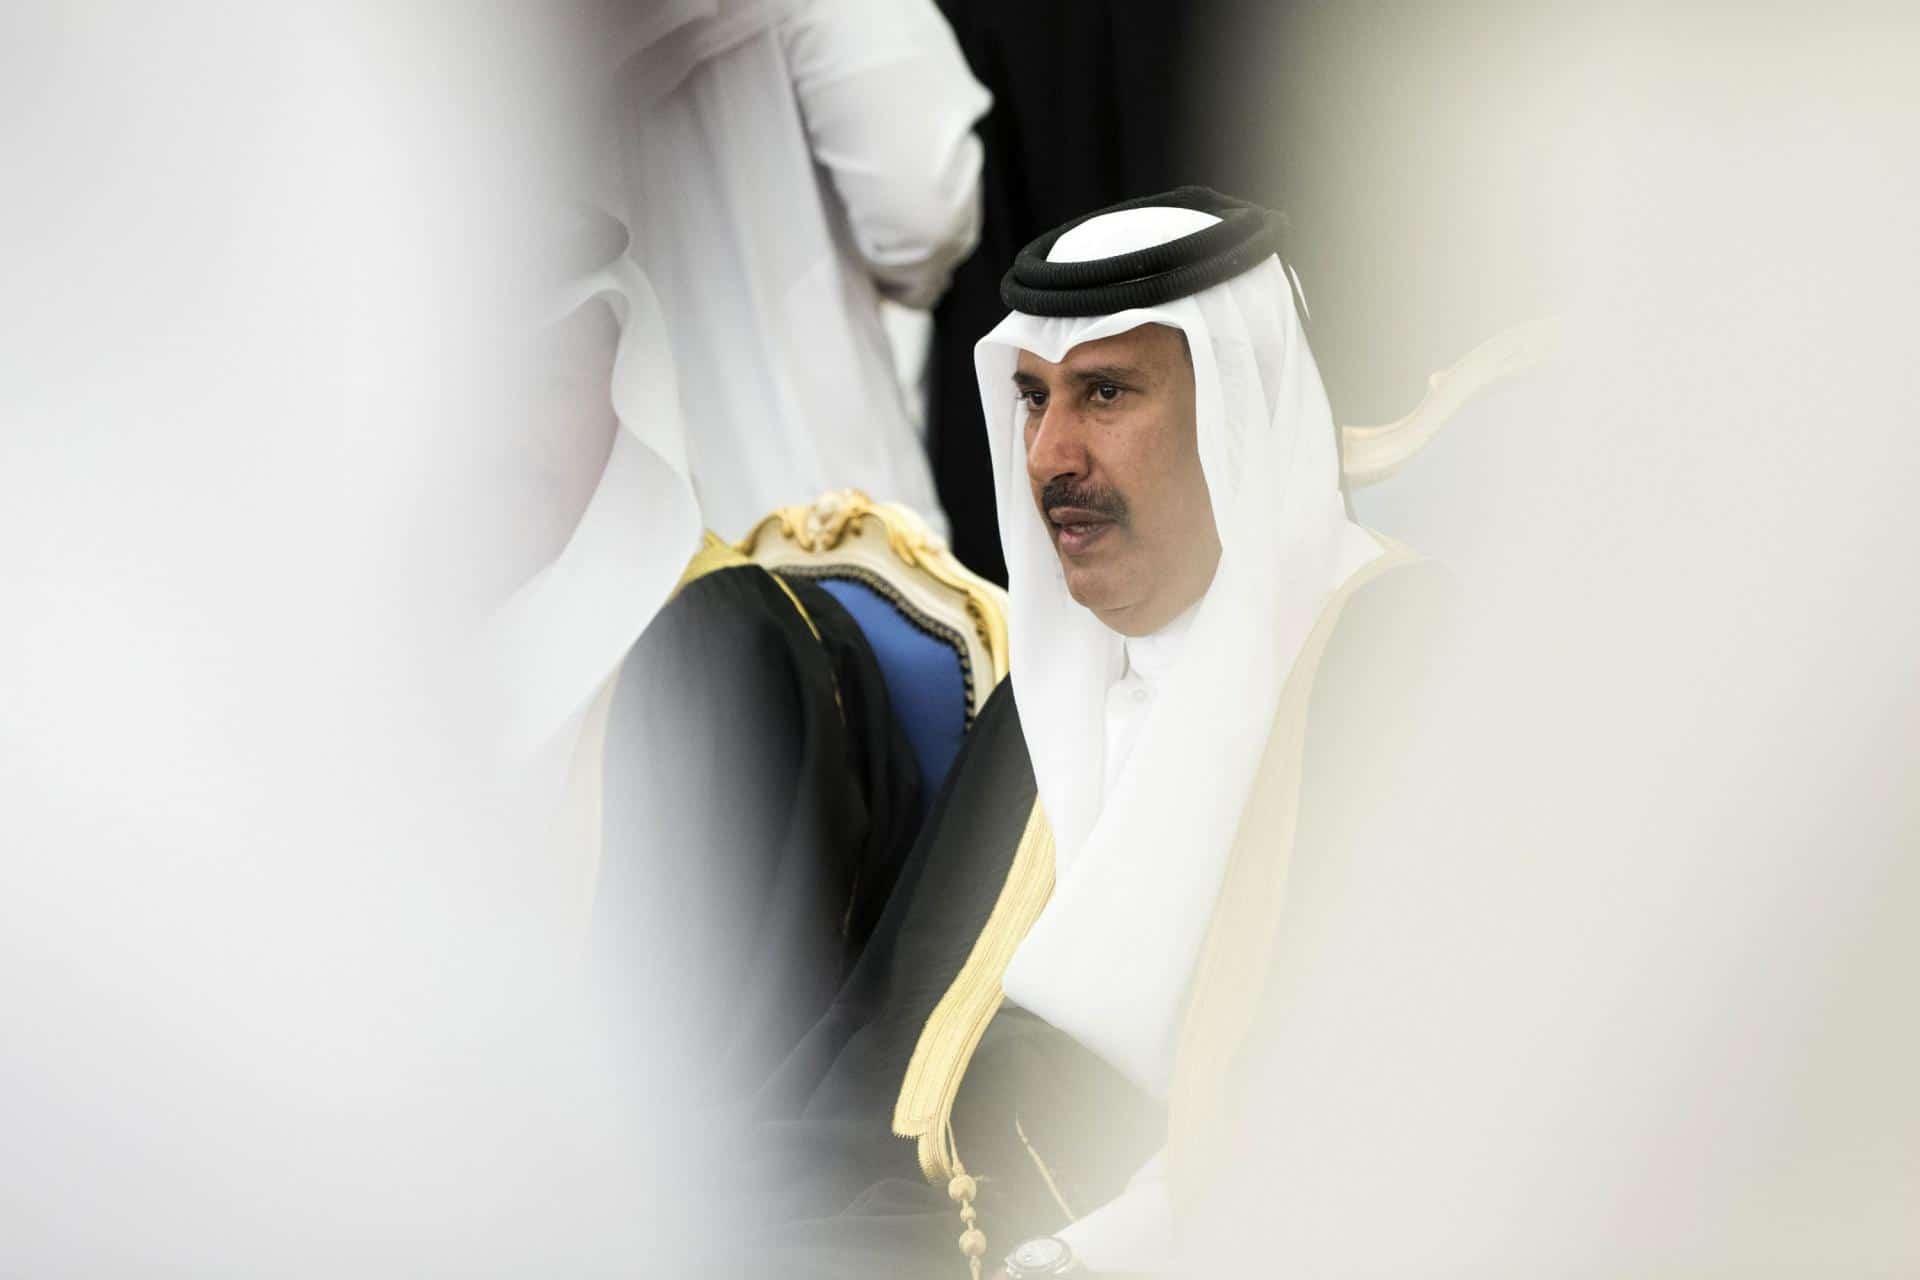 مقال في صحيفة أخبار الخليج البحرينية للكاتب محميد المحميد يسيء للشيخ حمد بن جاسم